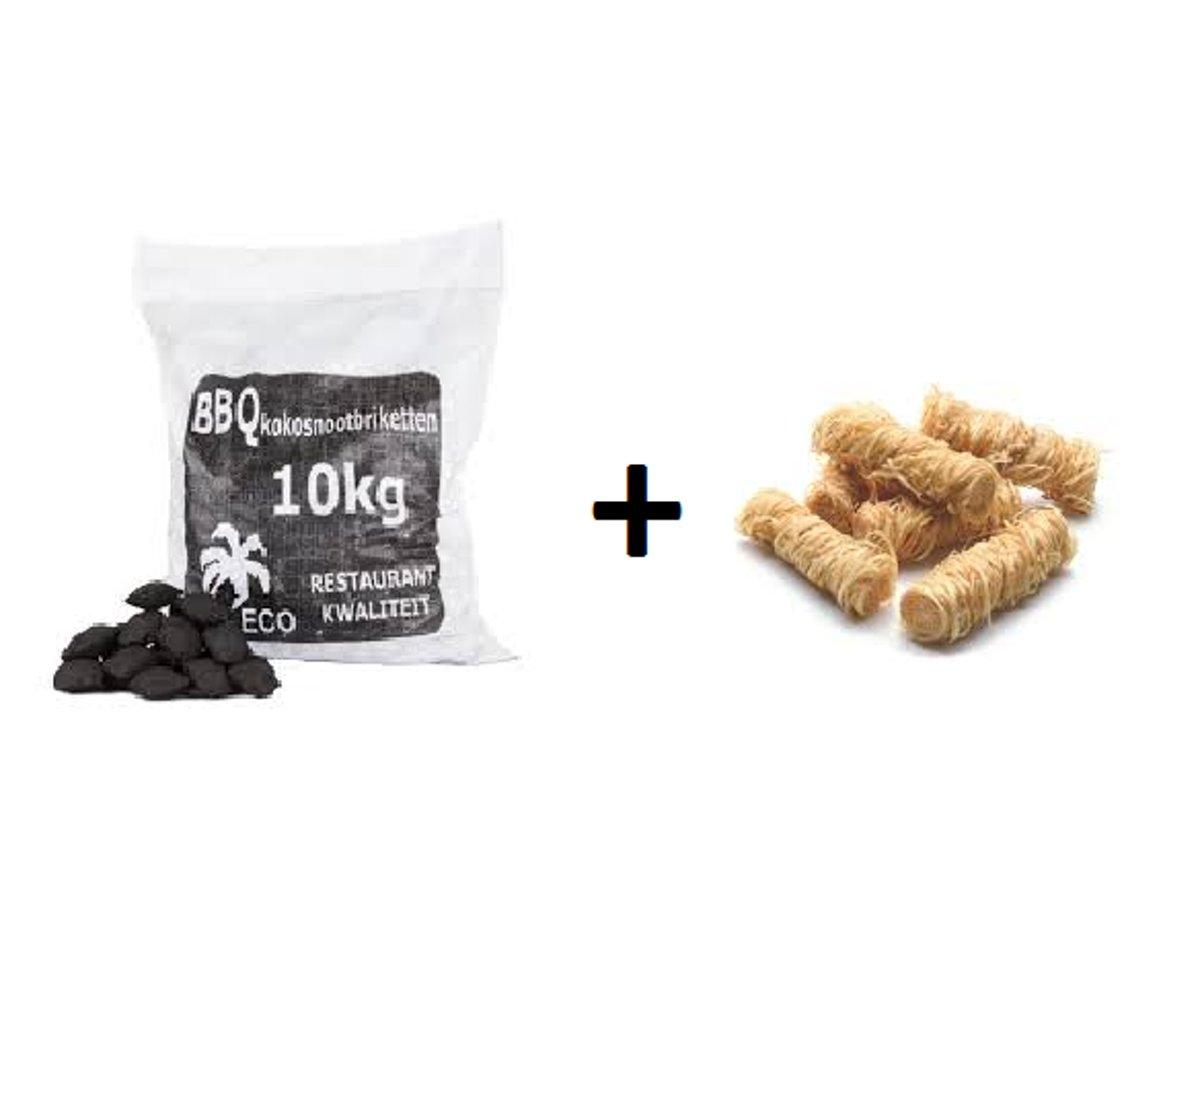 Combideal BBQdeco Kokosnootbriketten 10kg + Aanmaakwokkels 1KG kopen